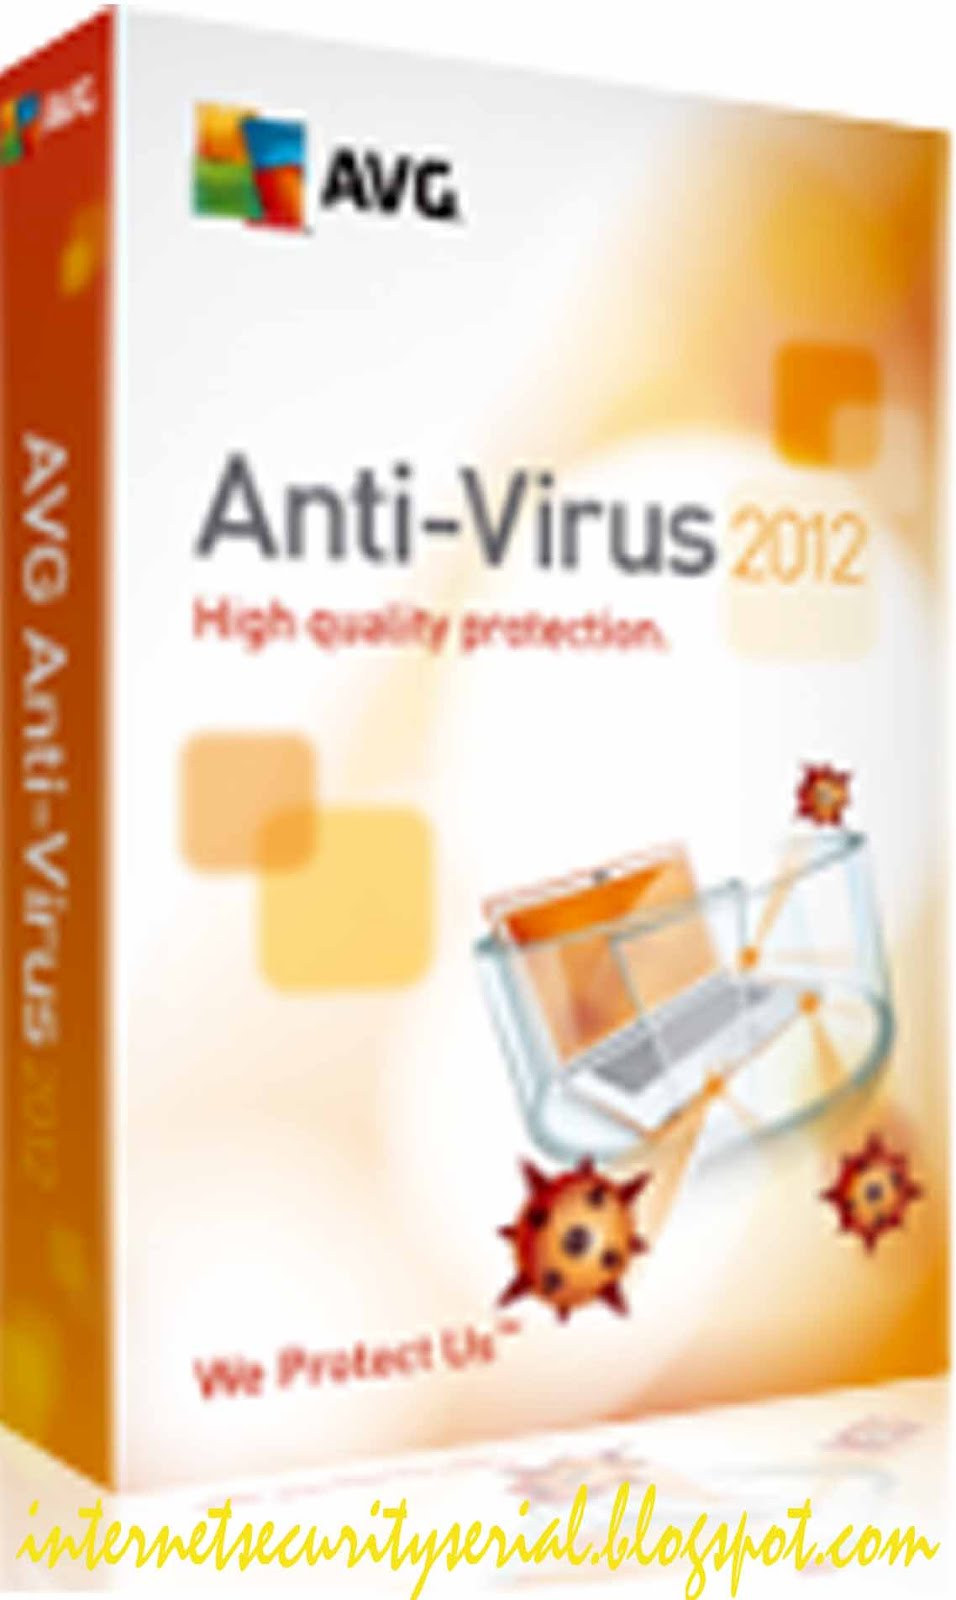 AVG Antivirus 2012 License Key, Full Version Free » Best ...